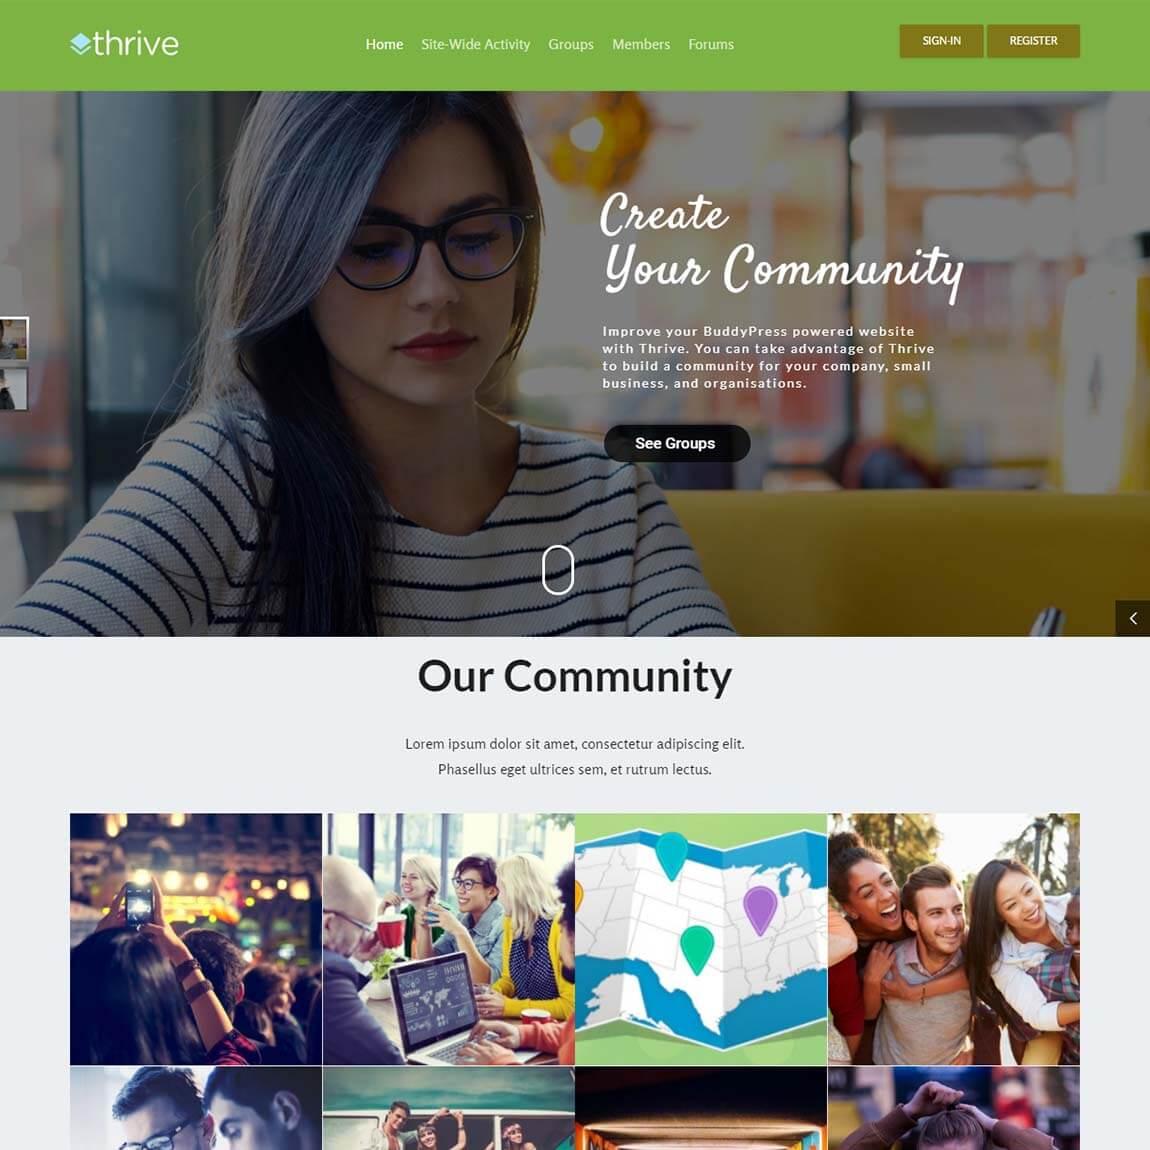 """Thrive-Community-wordpress-theme-with-buddypress-bbpress """"width ="""" 1150 """"height ="""" 1150 """"srcset ="""" https://themegrill.com/blog/wp-content/uploads/2017/07/Thrive-Community -wordpress-theme-with-buddypress-bbpress.jpg 1150w, https://themegrill.com/blog/wp-content/uploads/2017/07/Thrive-Community-wordpress-theme-with-buddypress-bbpress-150x150. jpg 150w, https://themegrill.com/blog/wp-content/uploads/2017/07/Thrive-Community-wordpress-theme-with-buddypress-bbpress-300x300.jpg 300w, https://themegrill.com/ blog / wp-content / uploads / 2017/07 / Thrive-Community-wordpress-theme-with-buddypress-bbpress-768x768.jpg 768w, https://themegrill.com/blog/wp-content/uploads/2017/07 /Thrive-Community-wordpress-theme-with-buddypress-bbpress-1024x1024.jpg 1024w, https://themegrill.com/blog/wp-content/uploads/2017/07/Thrive-Community-wordpress-theme-with- buddypress-bbpress-185x185.jpg 185w, https://themegrill.com/blog/wp-content/uploads/2017/07/Thrive-Community-wordpress-theme-with-buddypress-bbpress-310x310.jpg 310w, h ttps: //themegrill.com/blog/wp-content/uploads/2017/07/Thrive-Community-wordpress-theme-with-buddypress-bbpress-230x230.jpg 230w, https://themegrill.com/blog/wp -content / uploads / 2017/07 / Thrive-Community-wordpress-theme-with-buddypress-bbpress-365x365.jpg 365w """"tamaños ="""" (ancho máximo: 1150px) 100vw, 1150px """"></p> <p>Con su diseño sólido y características robustas, <strong>Prosperar</strong> El tema ha asegurado su lugar en nuestra lista de los mejores temas de BuddyPress. Thrive está totalmente integrado con BuddyPress, WooCommerce, bbPress y también es compatible con el tablero de aprendizaje. También ofrece potentes complementos cuidadosamente seleccionados para el rendimiento premium de su sitio web. Thrive se construye a partir del marco de subrayado, por lo que es muy rápido. Es un tema ligero sin funcionalidades externas fijadas con él. Resulta que es una de las mejores opciones para alguien que busca un tema comunitario atractivo, totalmente receptivo,"""